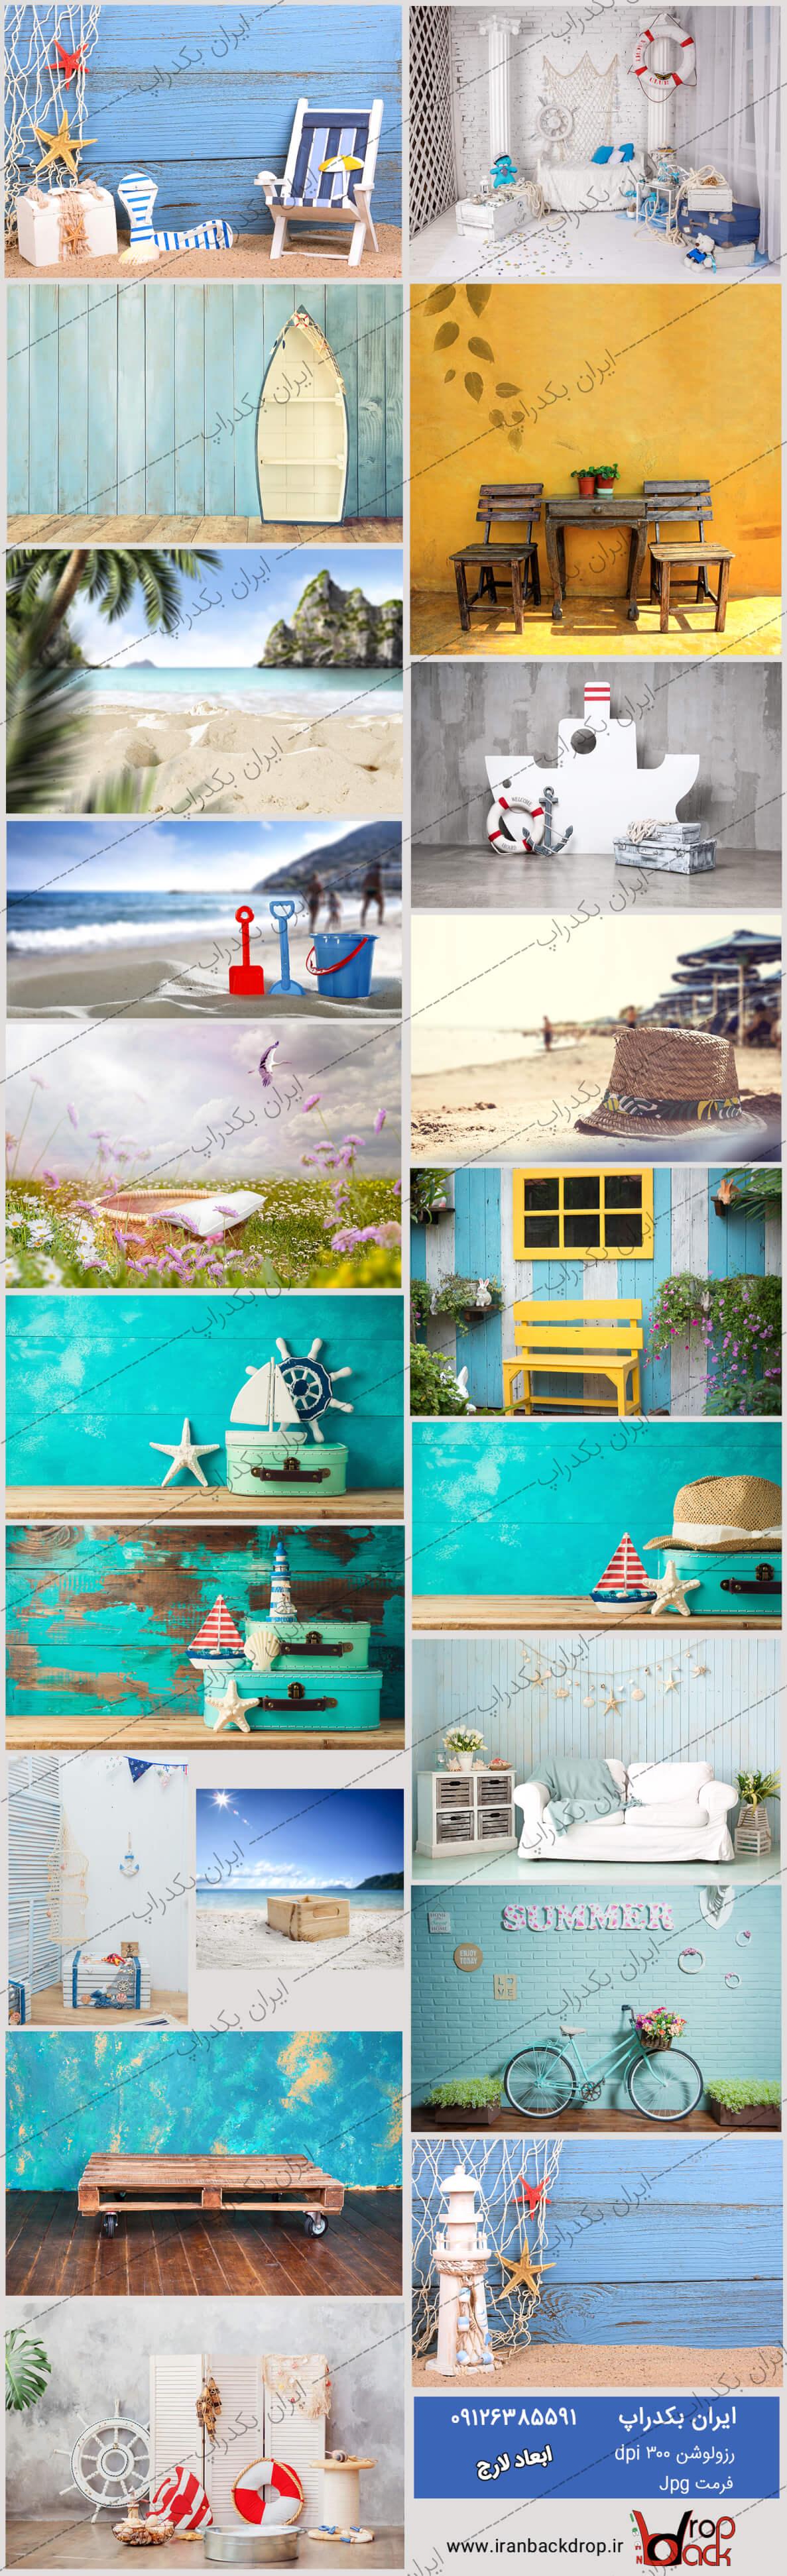 مجموعه عکاسی تابستان